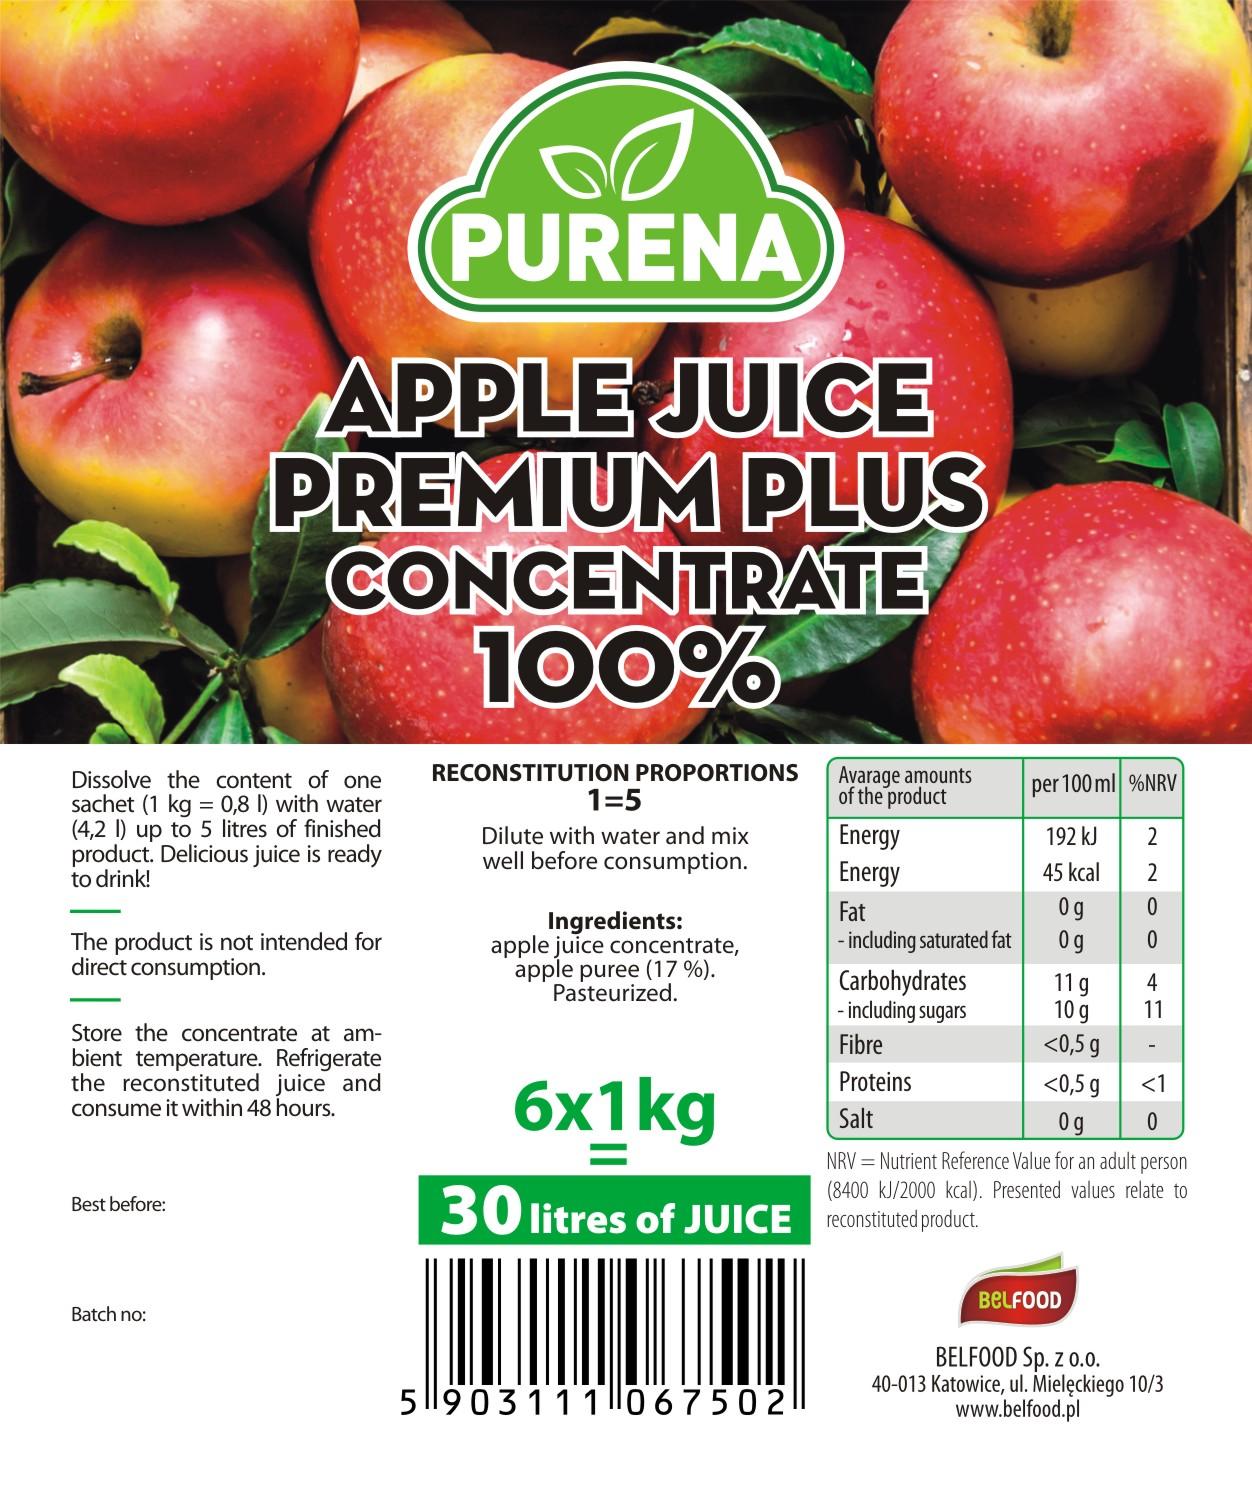 zagęszczony sok jabłkowy 100% PREMIUM